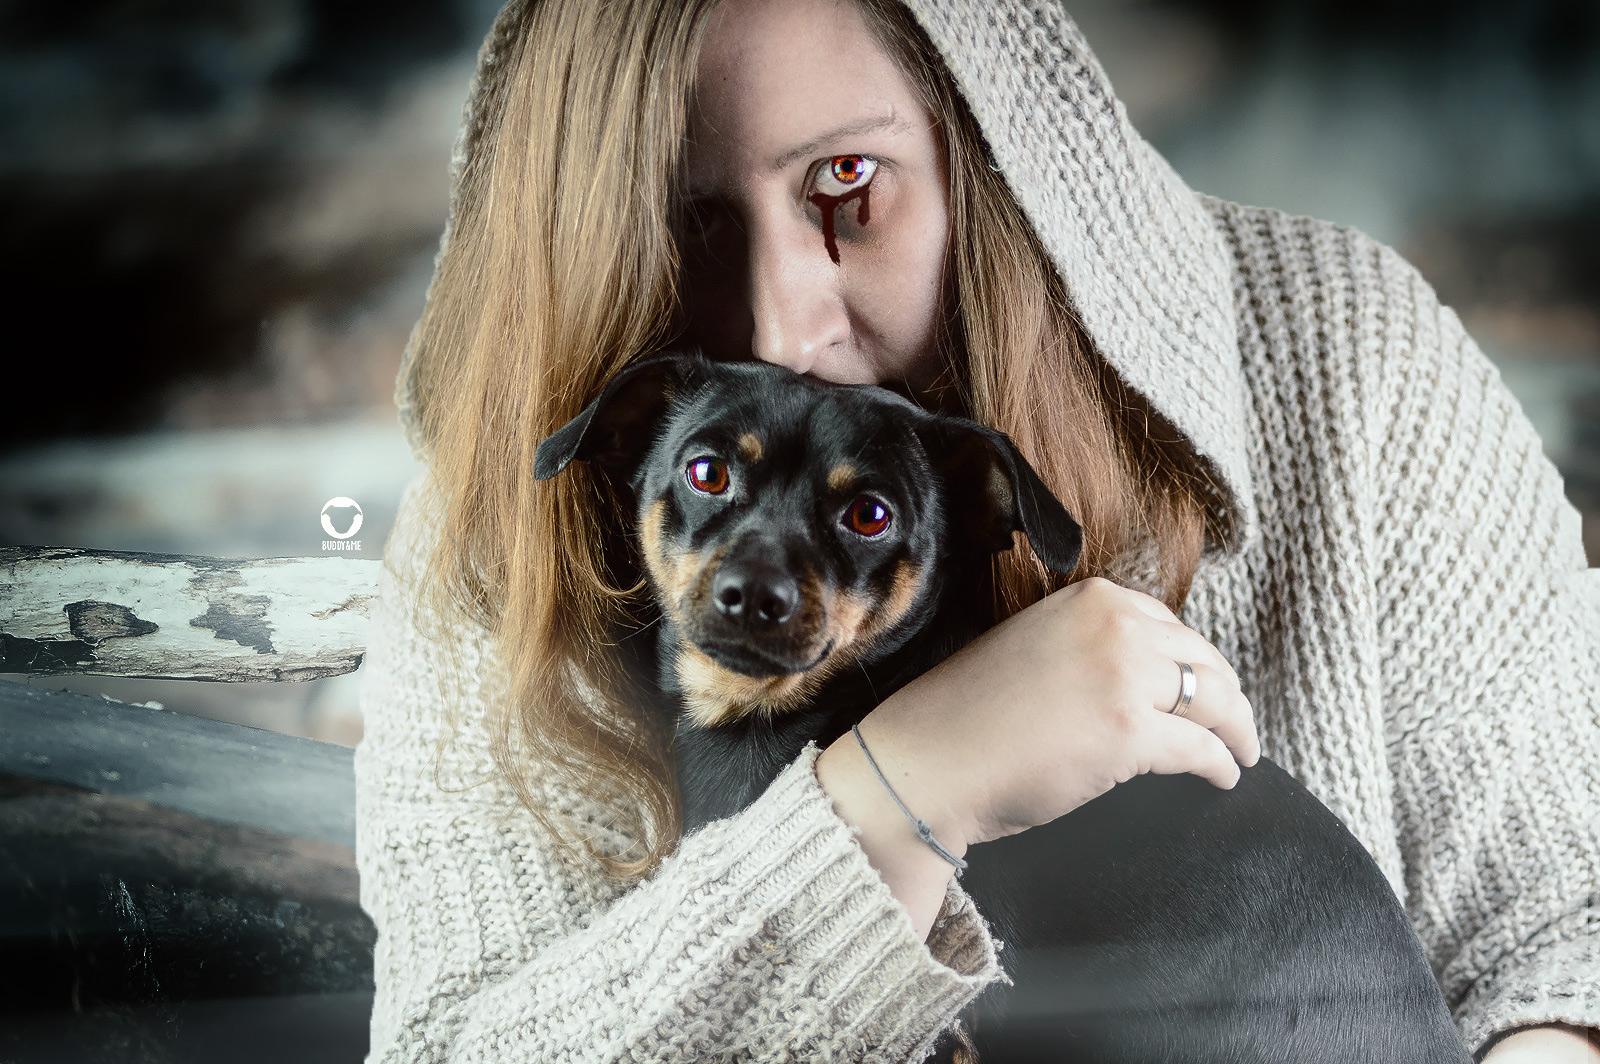 Pinscher Buddy, Buddy and Me, Hundeblog, Dogblog, Halloween, Kürbis, Bildbearbeitung, gruselig, Horror, spooky, Verkleidung, Nikon D3200